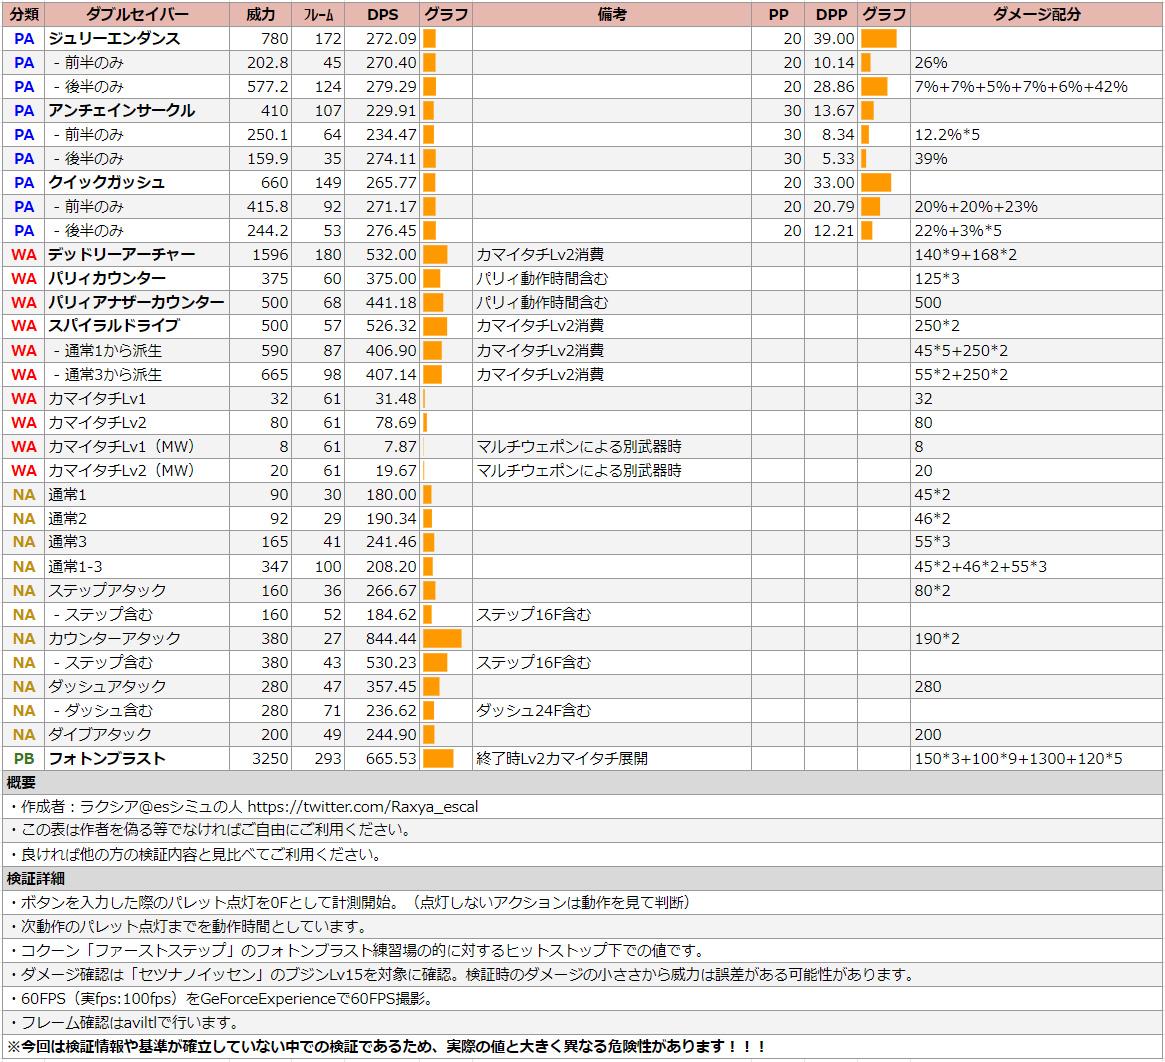 ダブルセイバーのDPS表